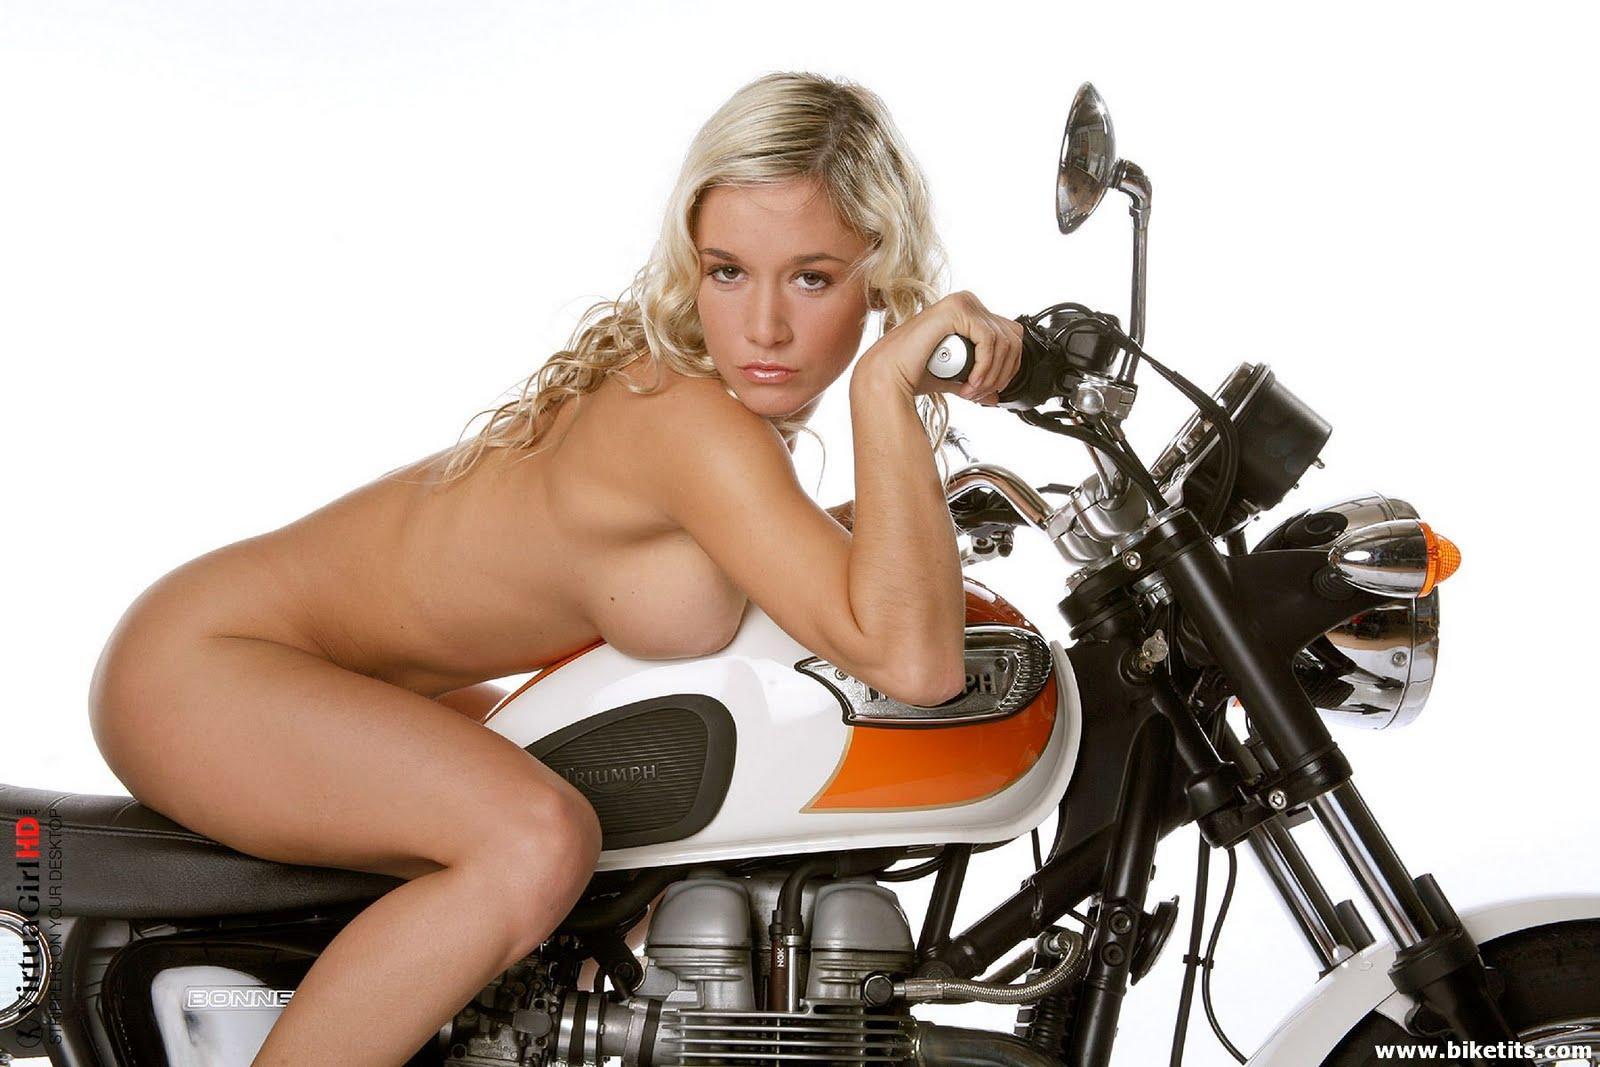 Mulheres nua em moto, gostosa nua de moto, babes on bike with naked,gostosa de moto, woman motorcycle naked, woman nude on bike, sexy on bike